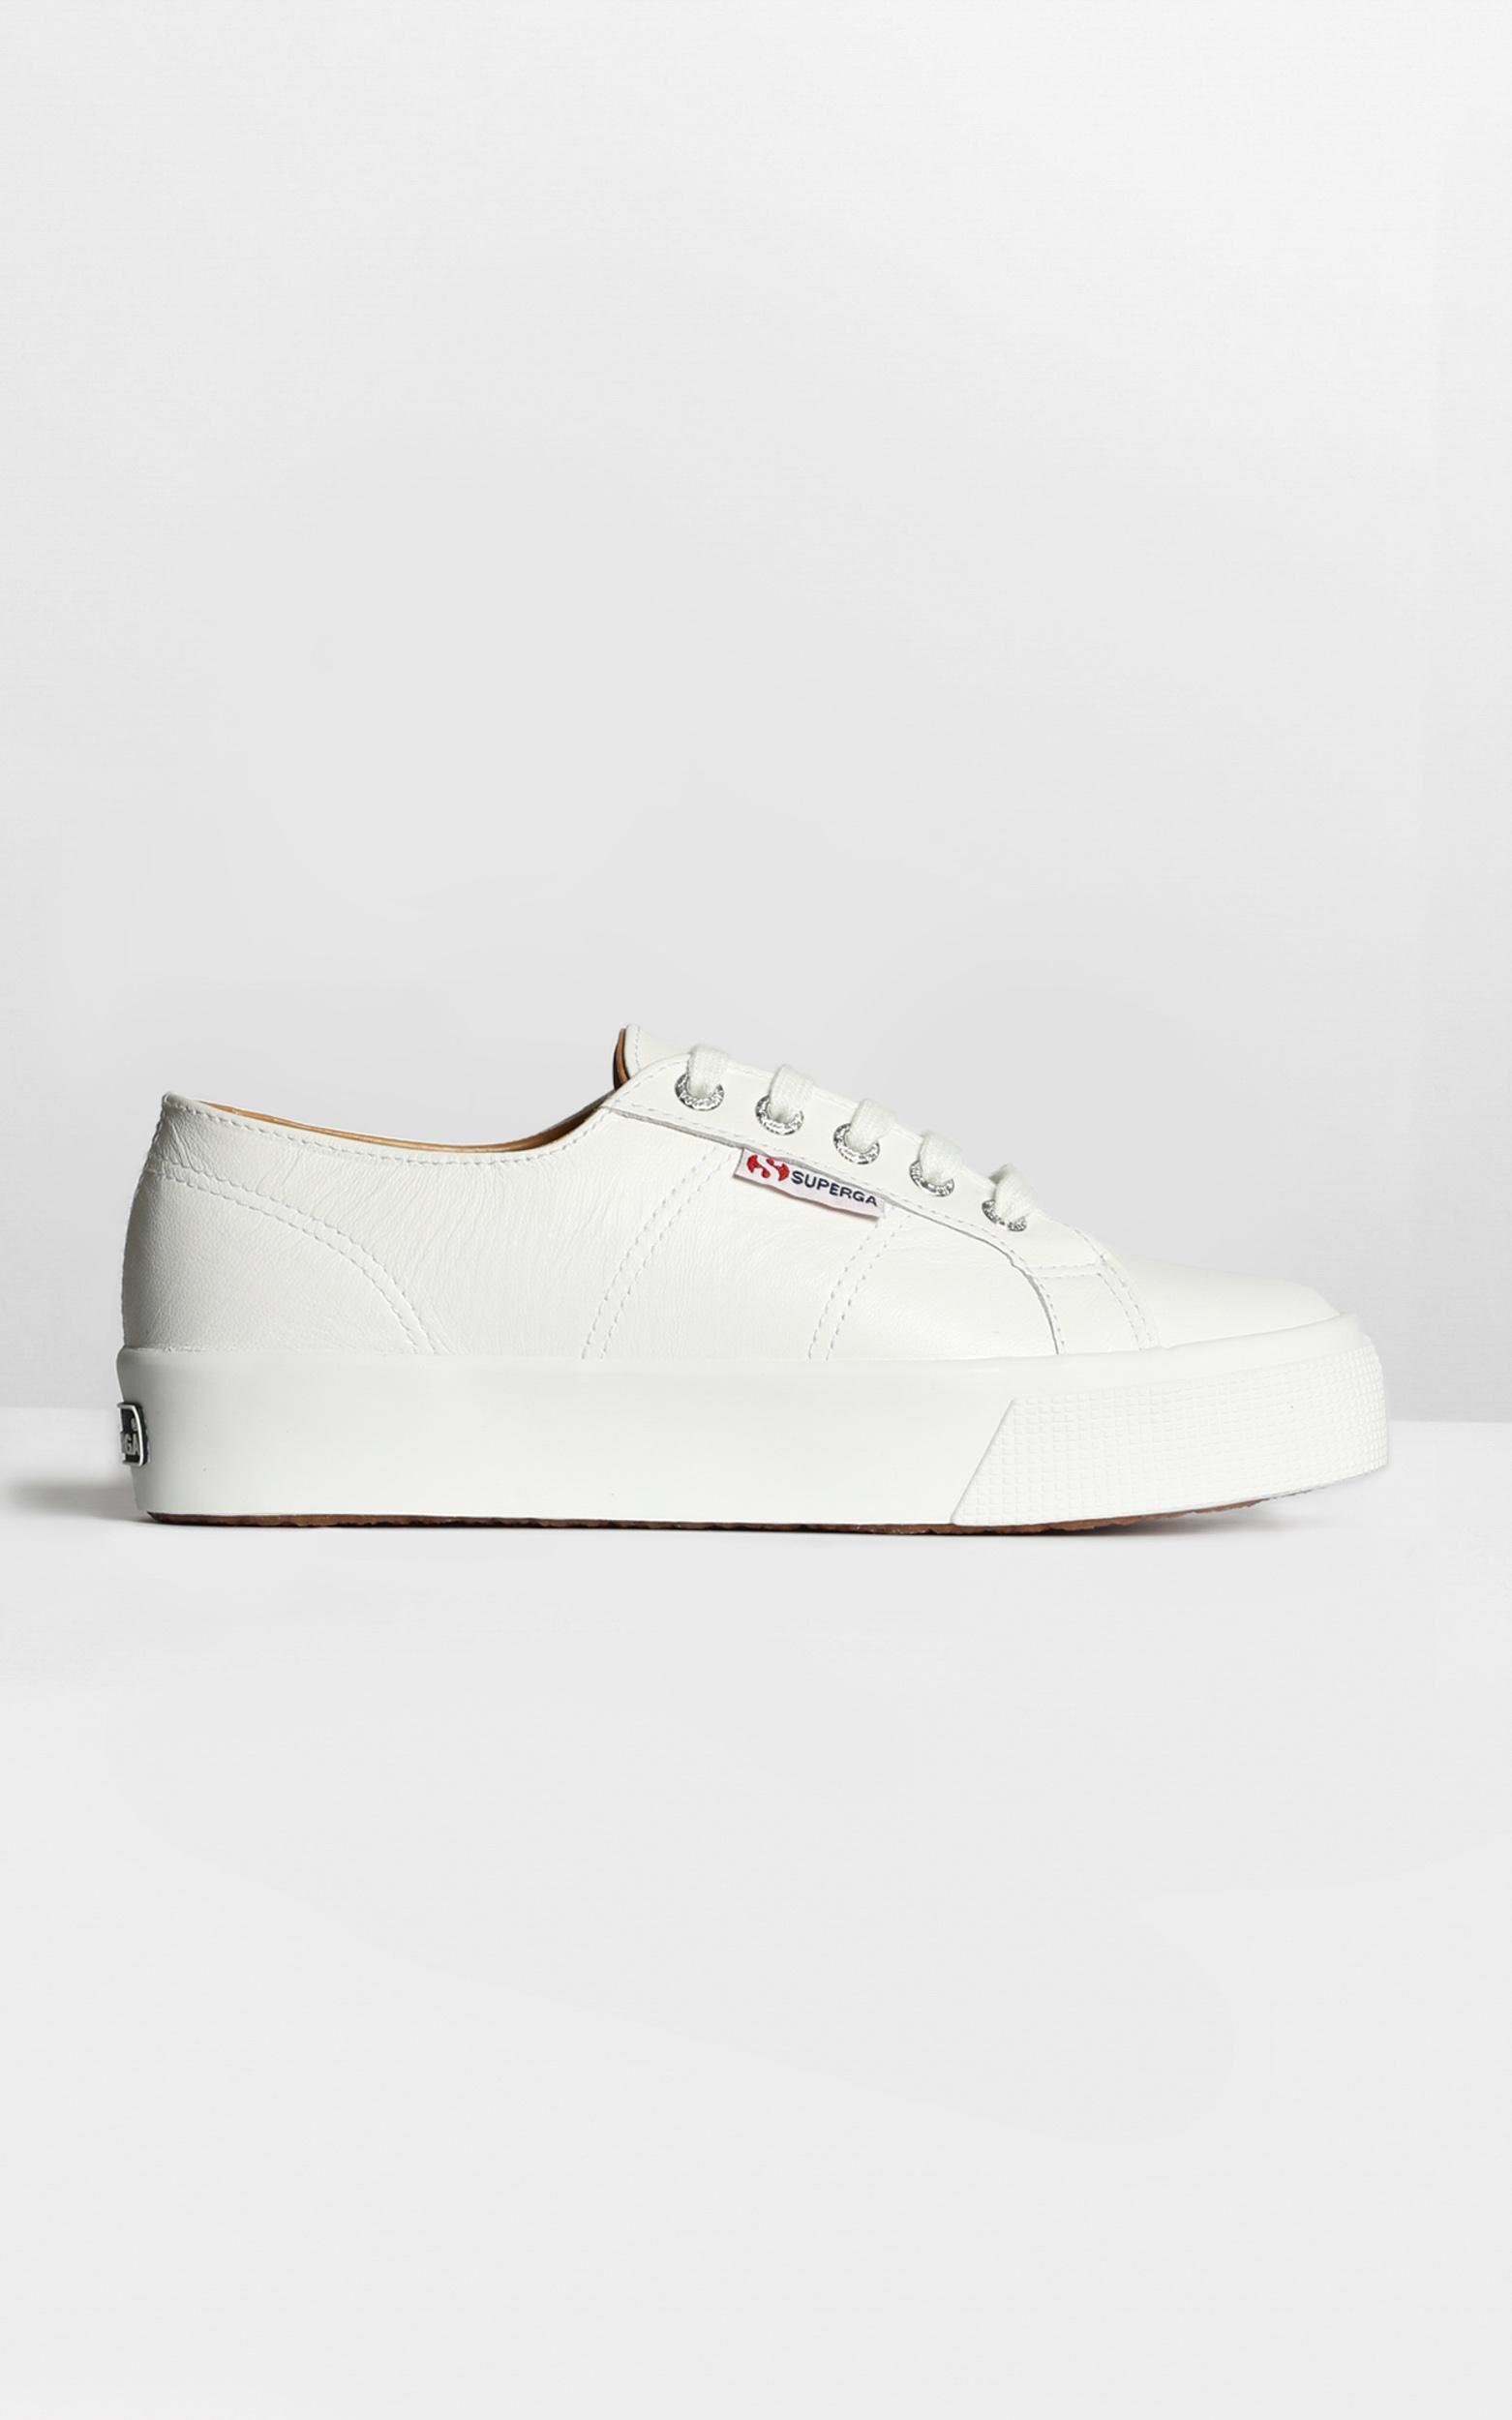 Superga - 2730 Nappaleau Sneakers In